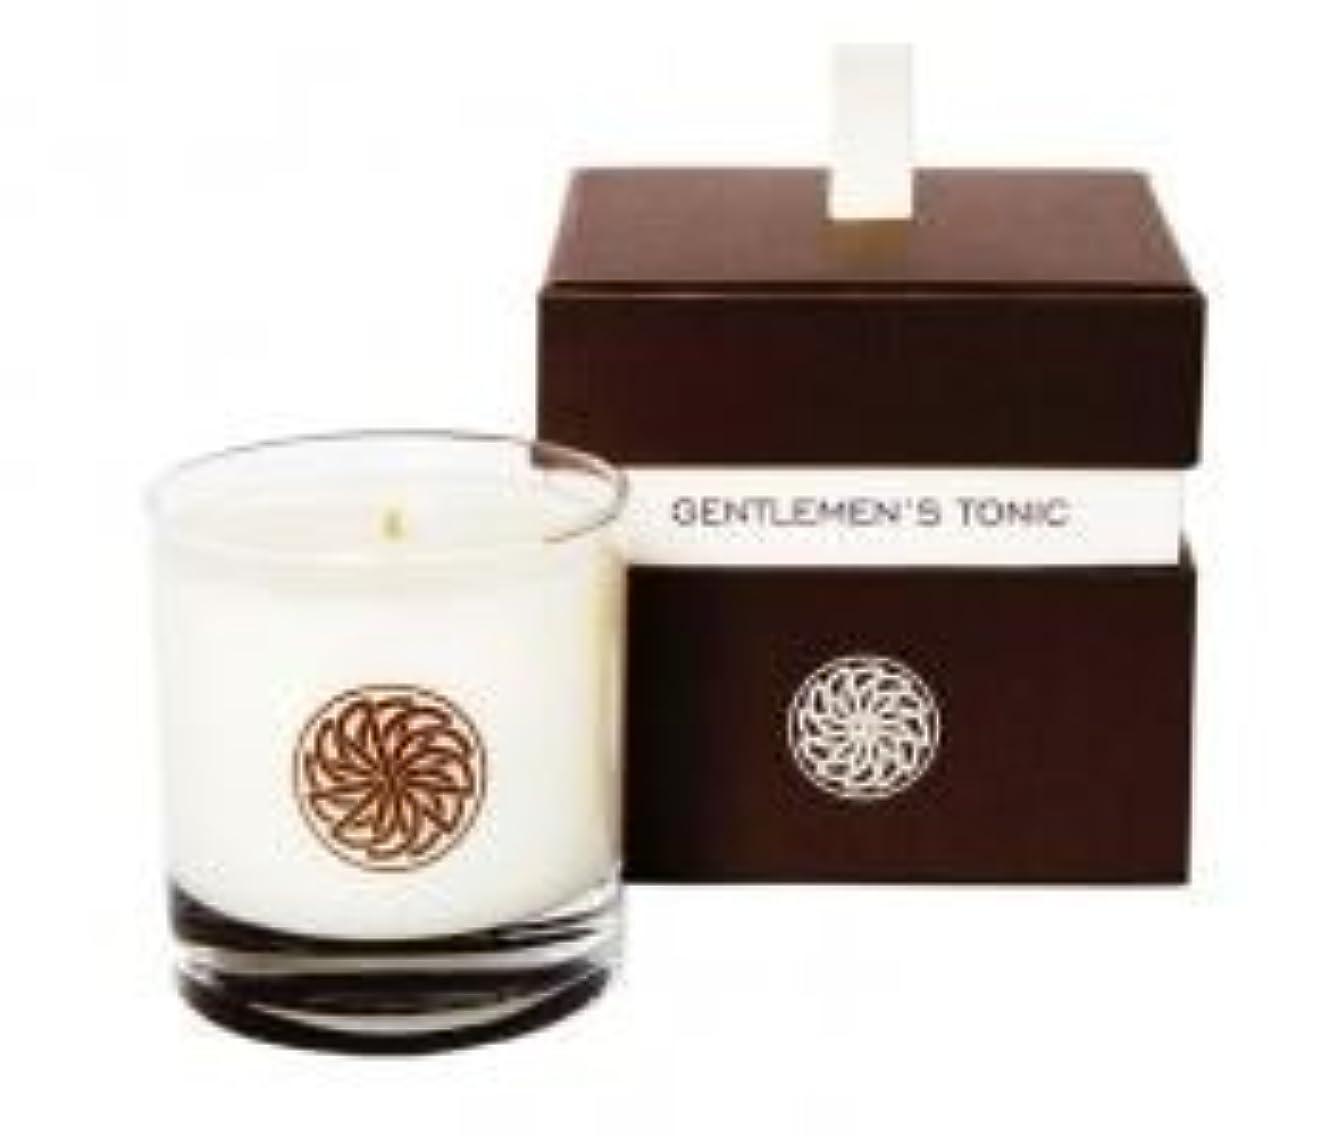 平行実現可能不器用Gentlemen's Tonic ジェントルメンズトニック Gift Candle Box (ギフトキャンドルボックス) 300g